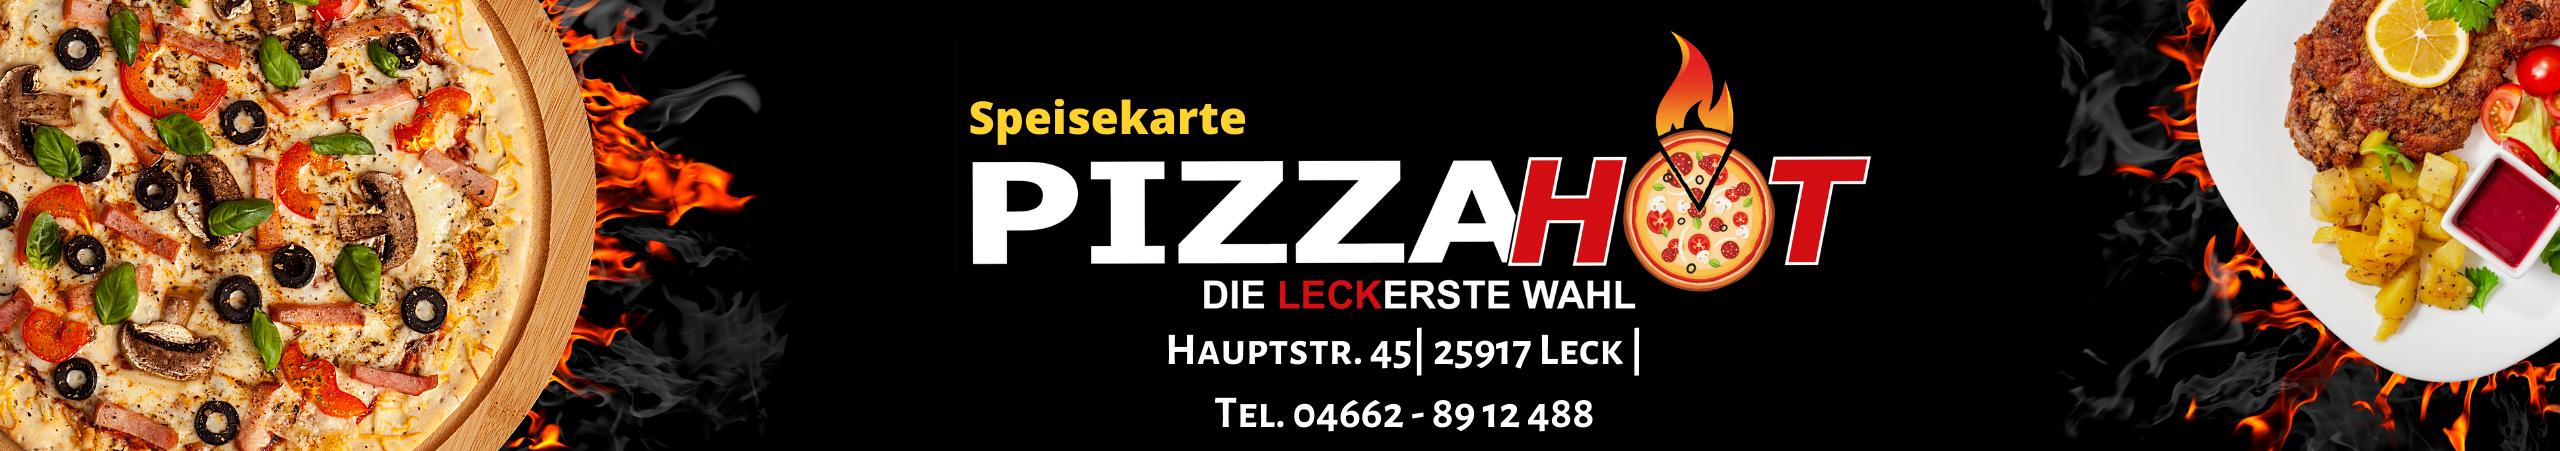 Pizza Hot, Wikingerstraße 75, 25017 Leck